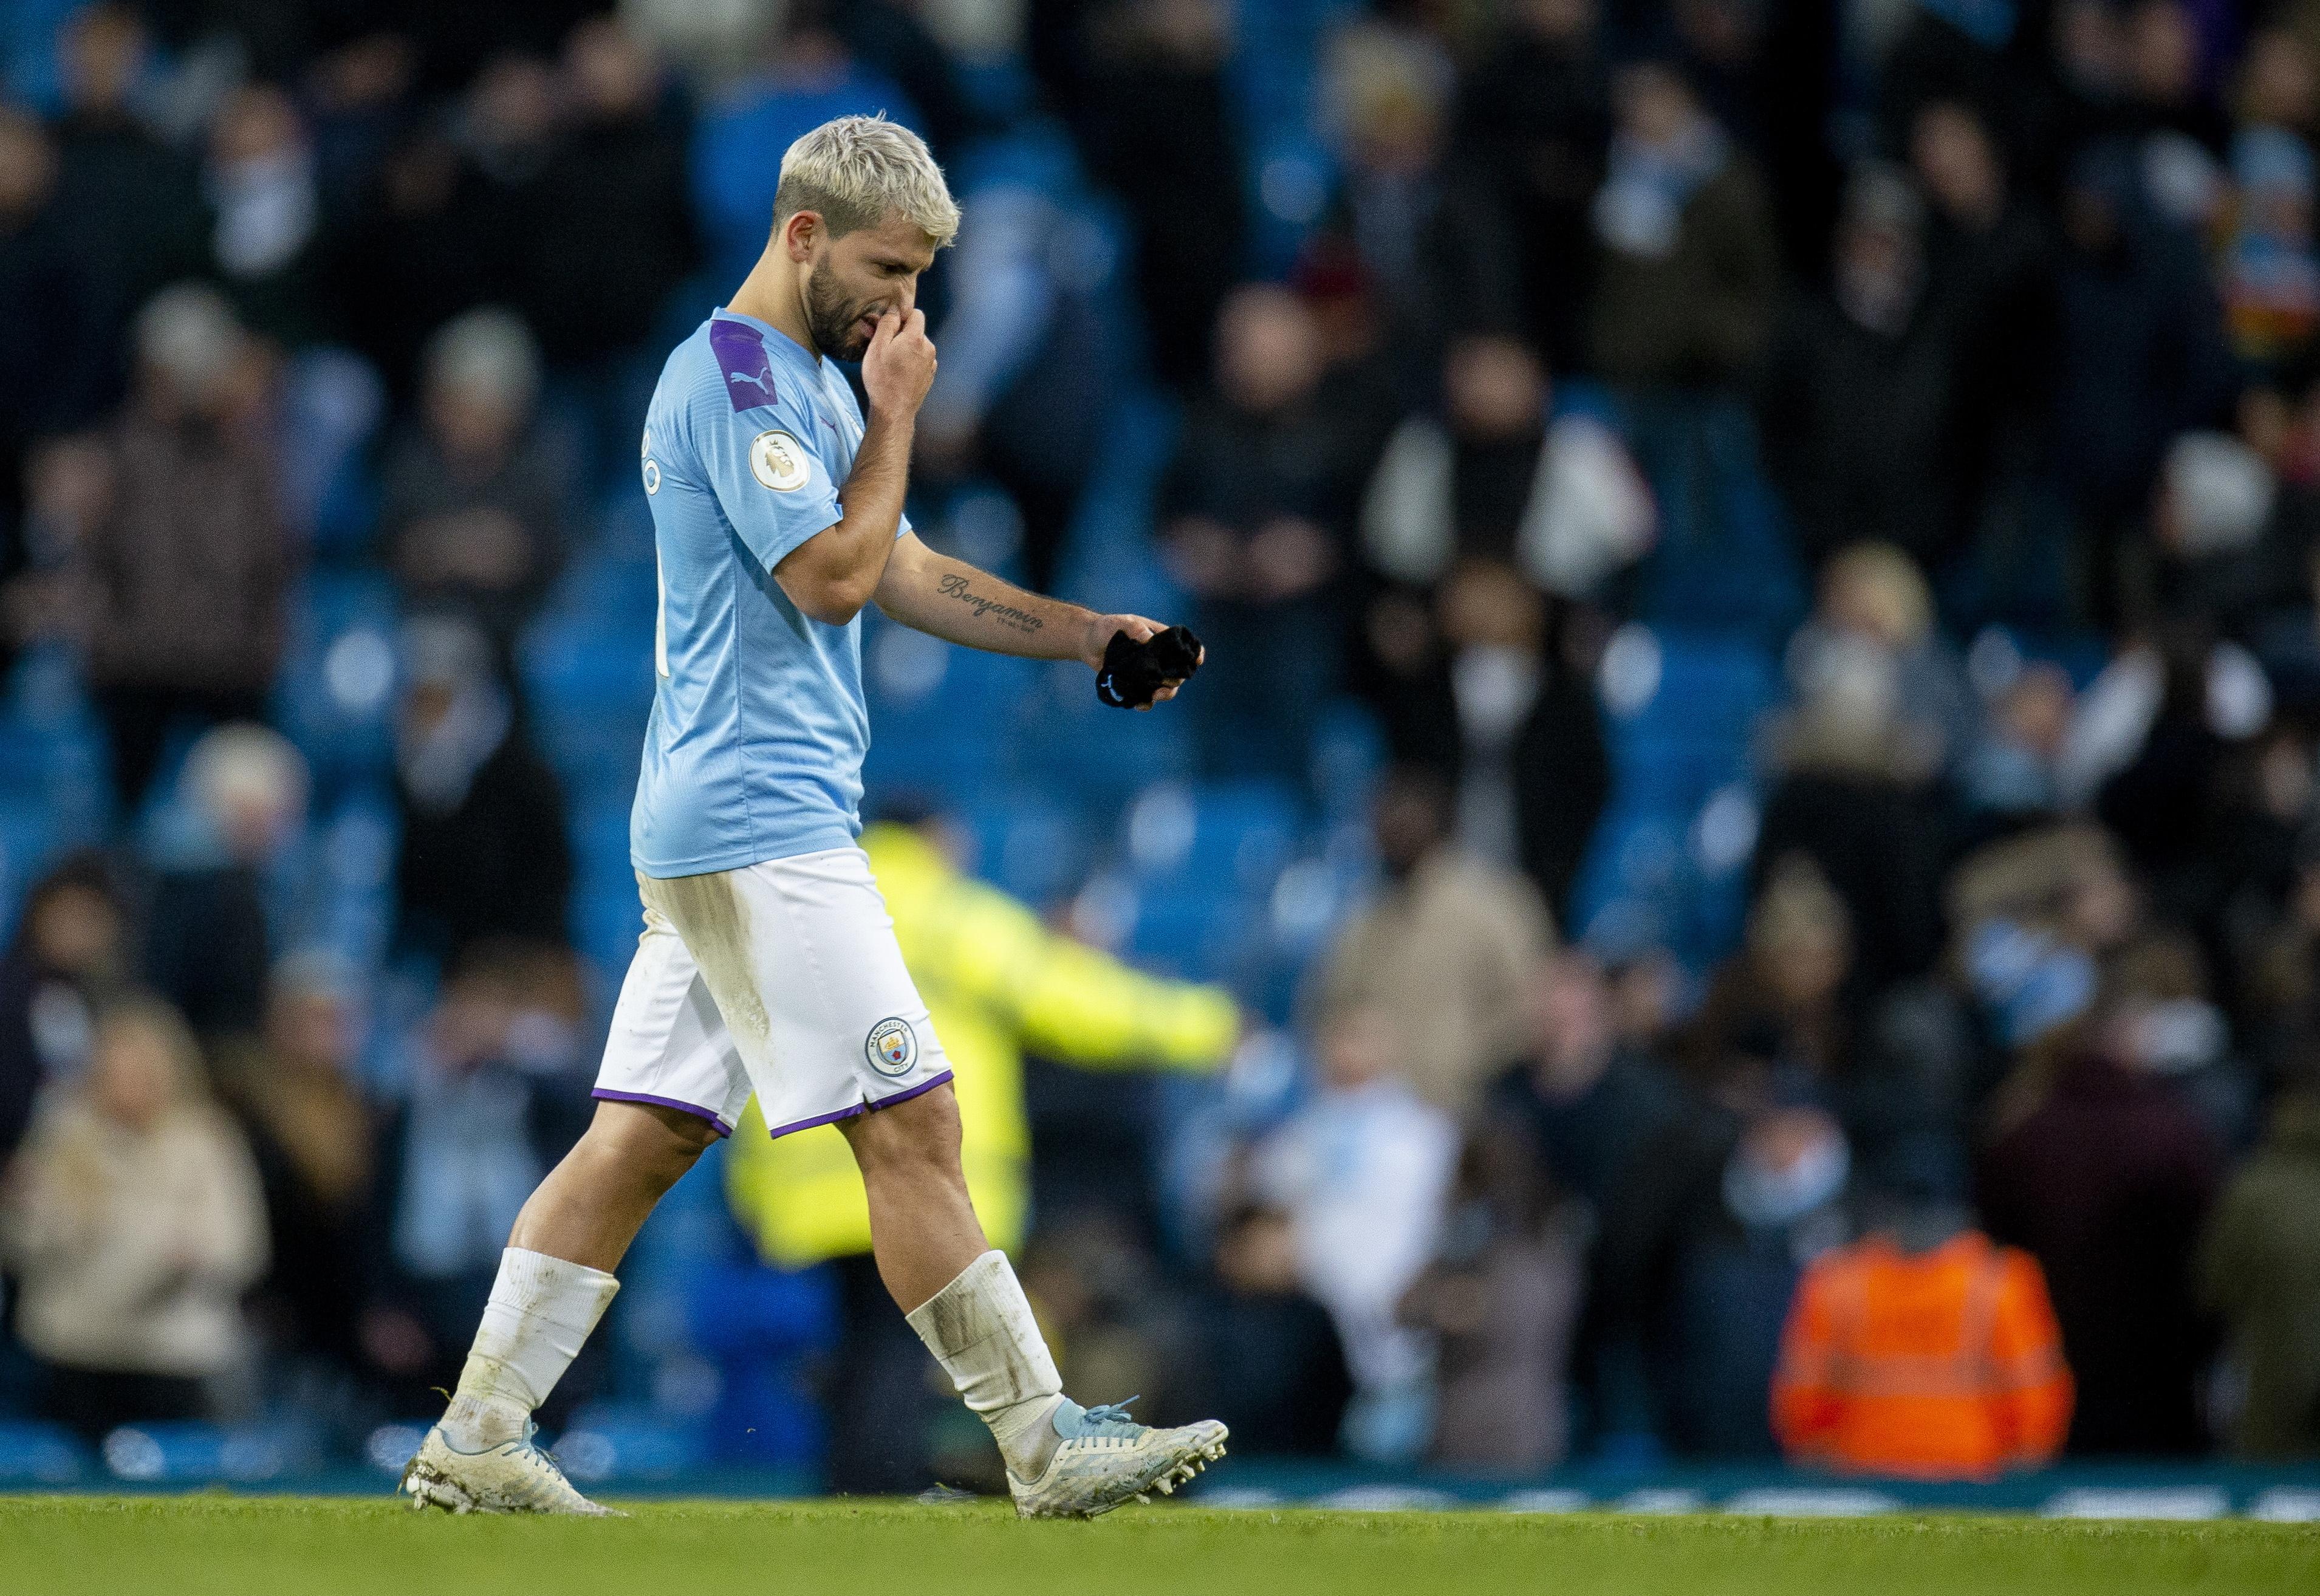 Manchester City cede empate caseiro com o Crystal Palace